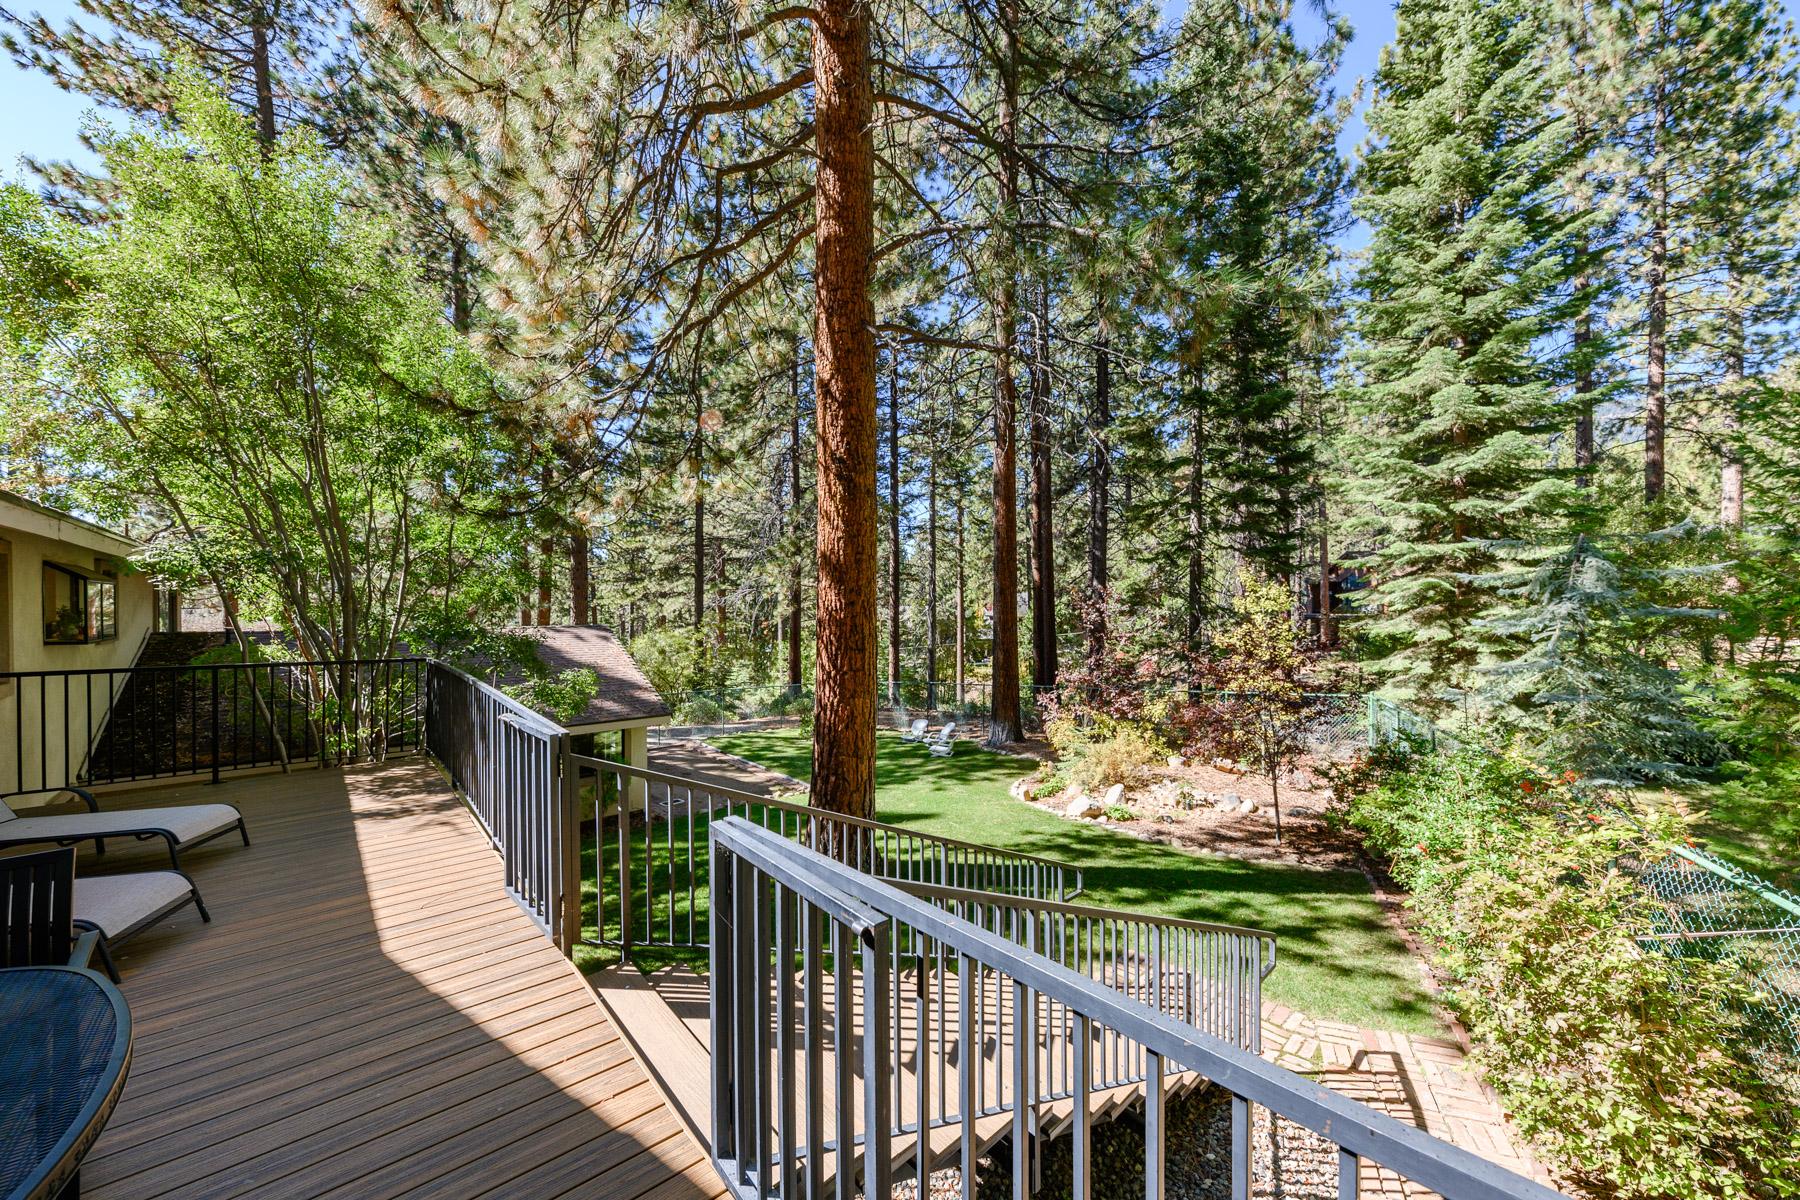 Additional photo for property listing at 681 David Way, Incline Village, Nevada 681 David Way Incline Village, Nevada 89451 Estados Unidos